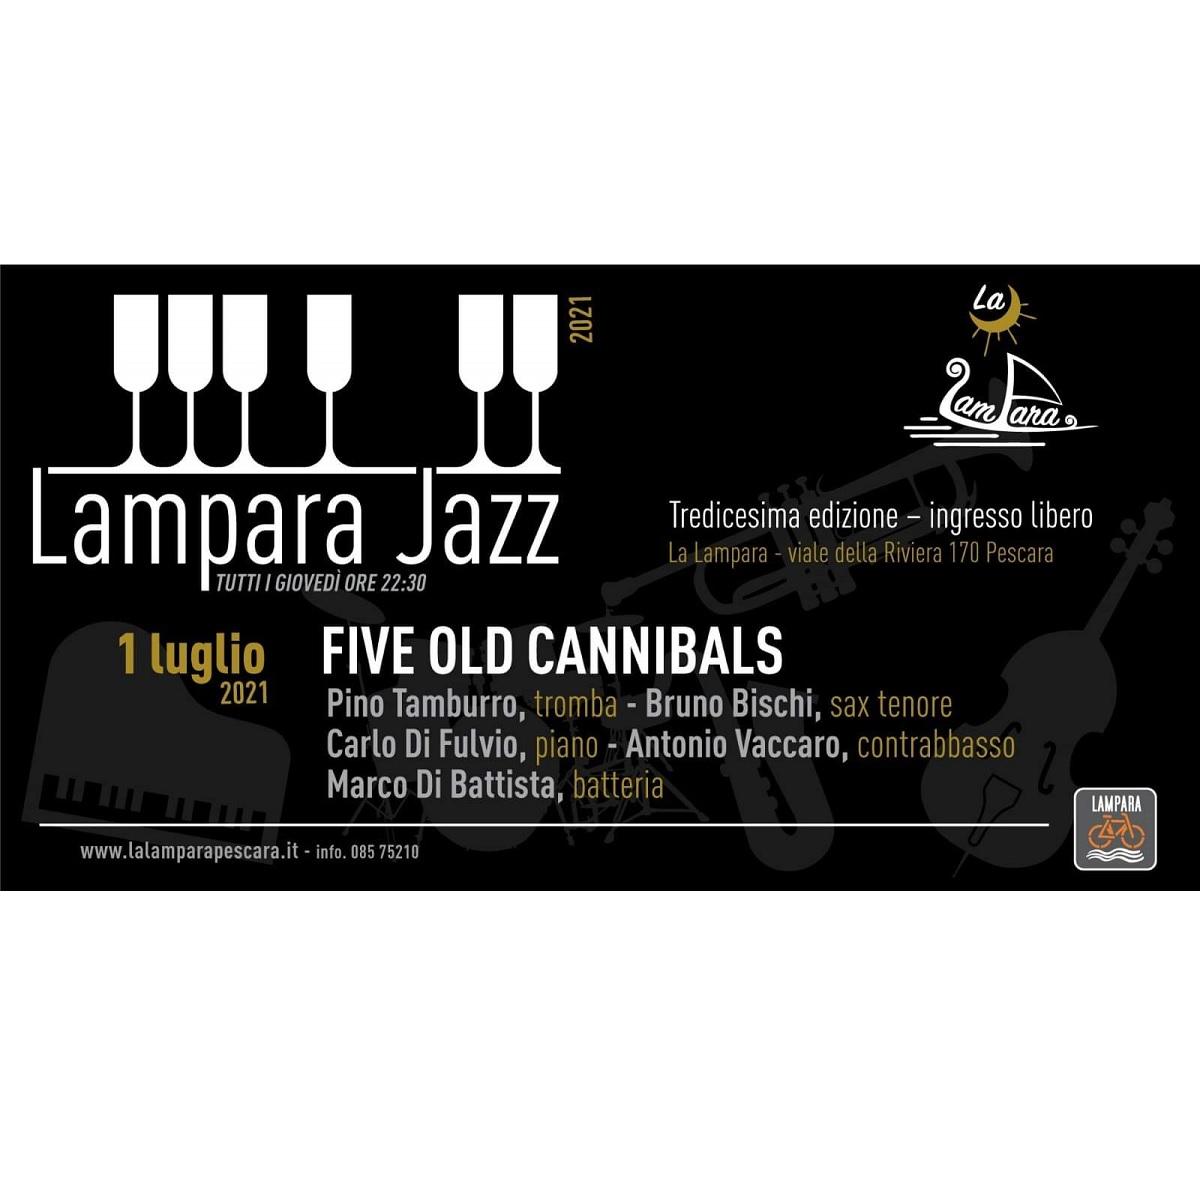 Five Old Cannibals presso La Lampara 1 luglio 2021 foto